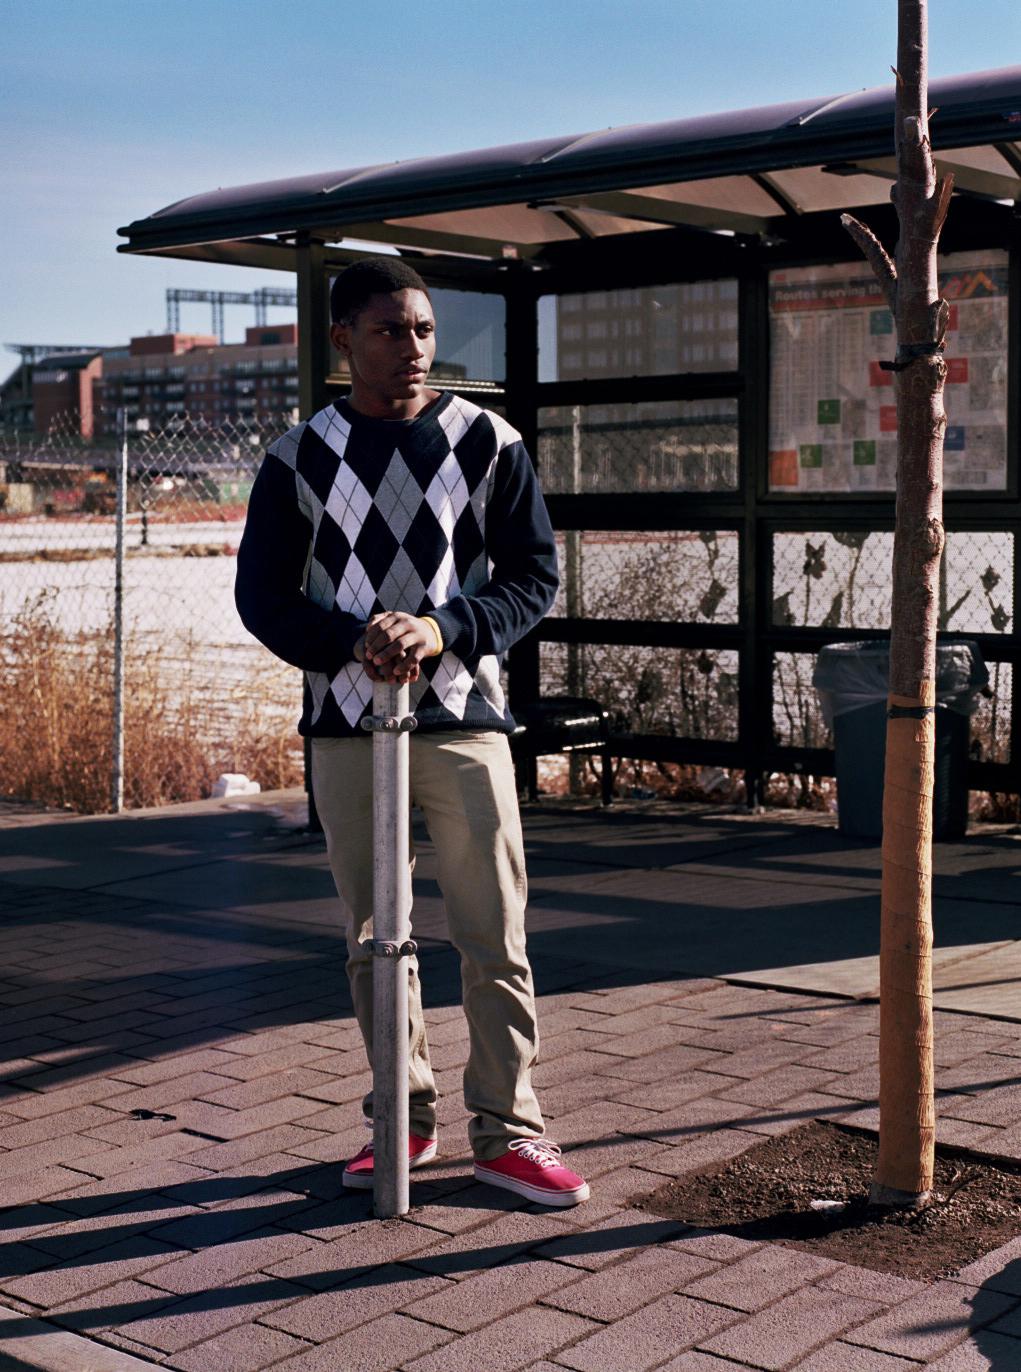 busstop2_edit.jpg